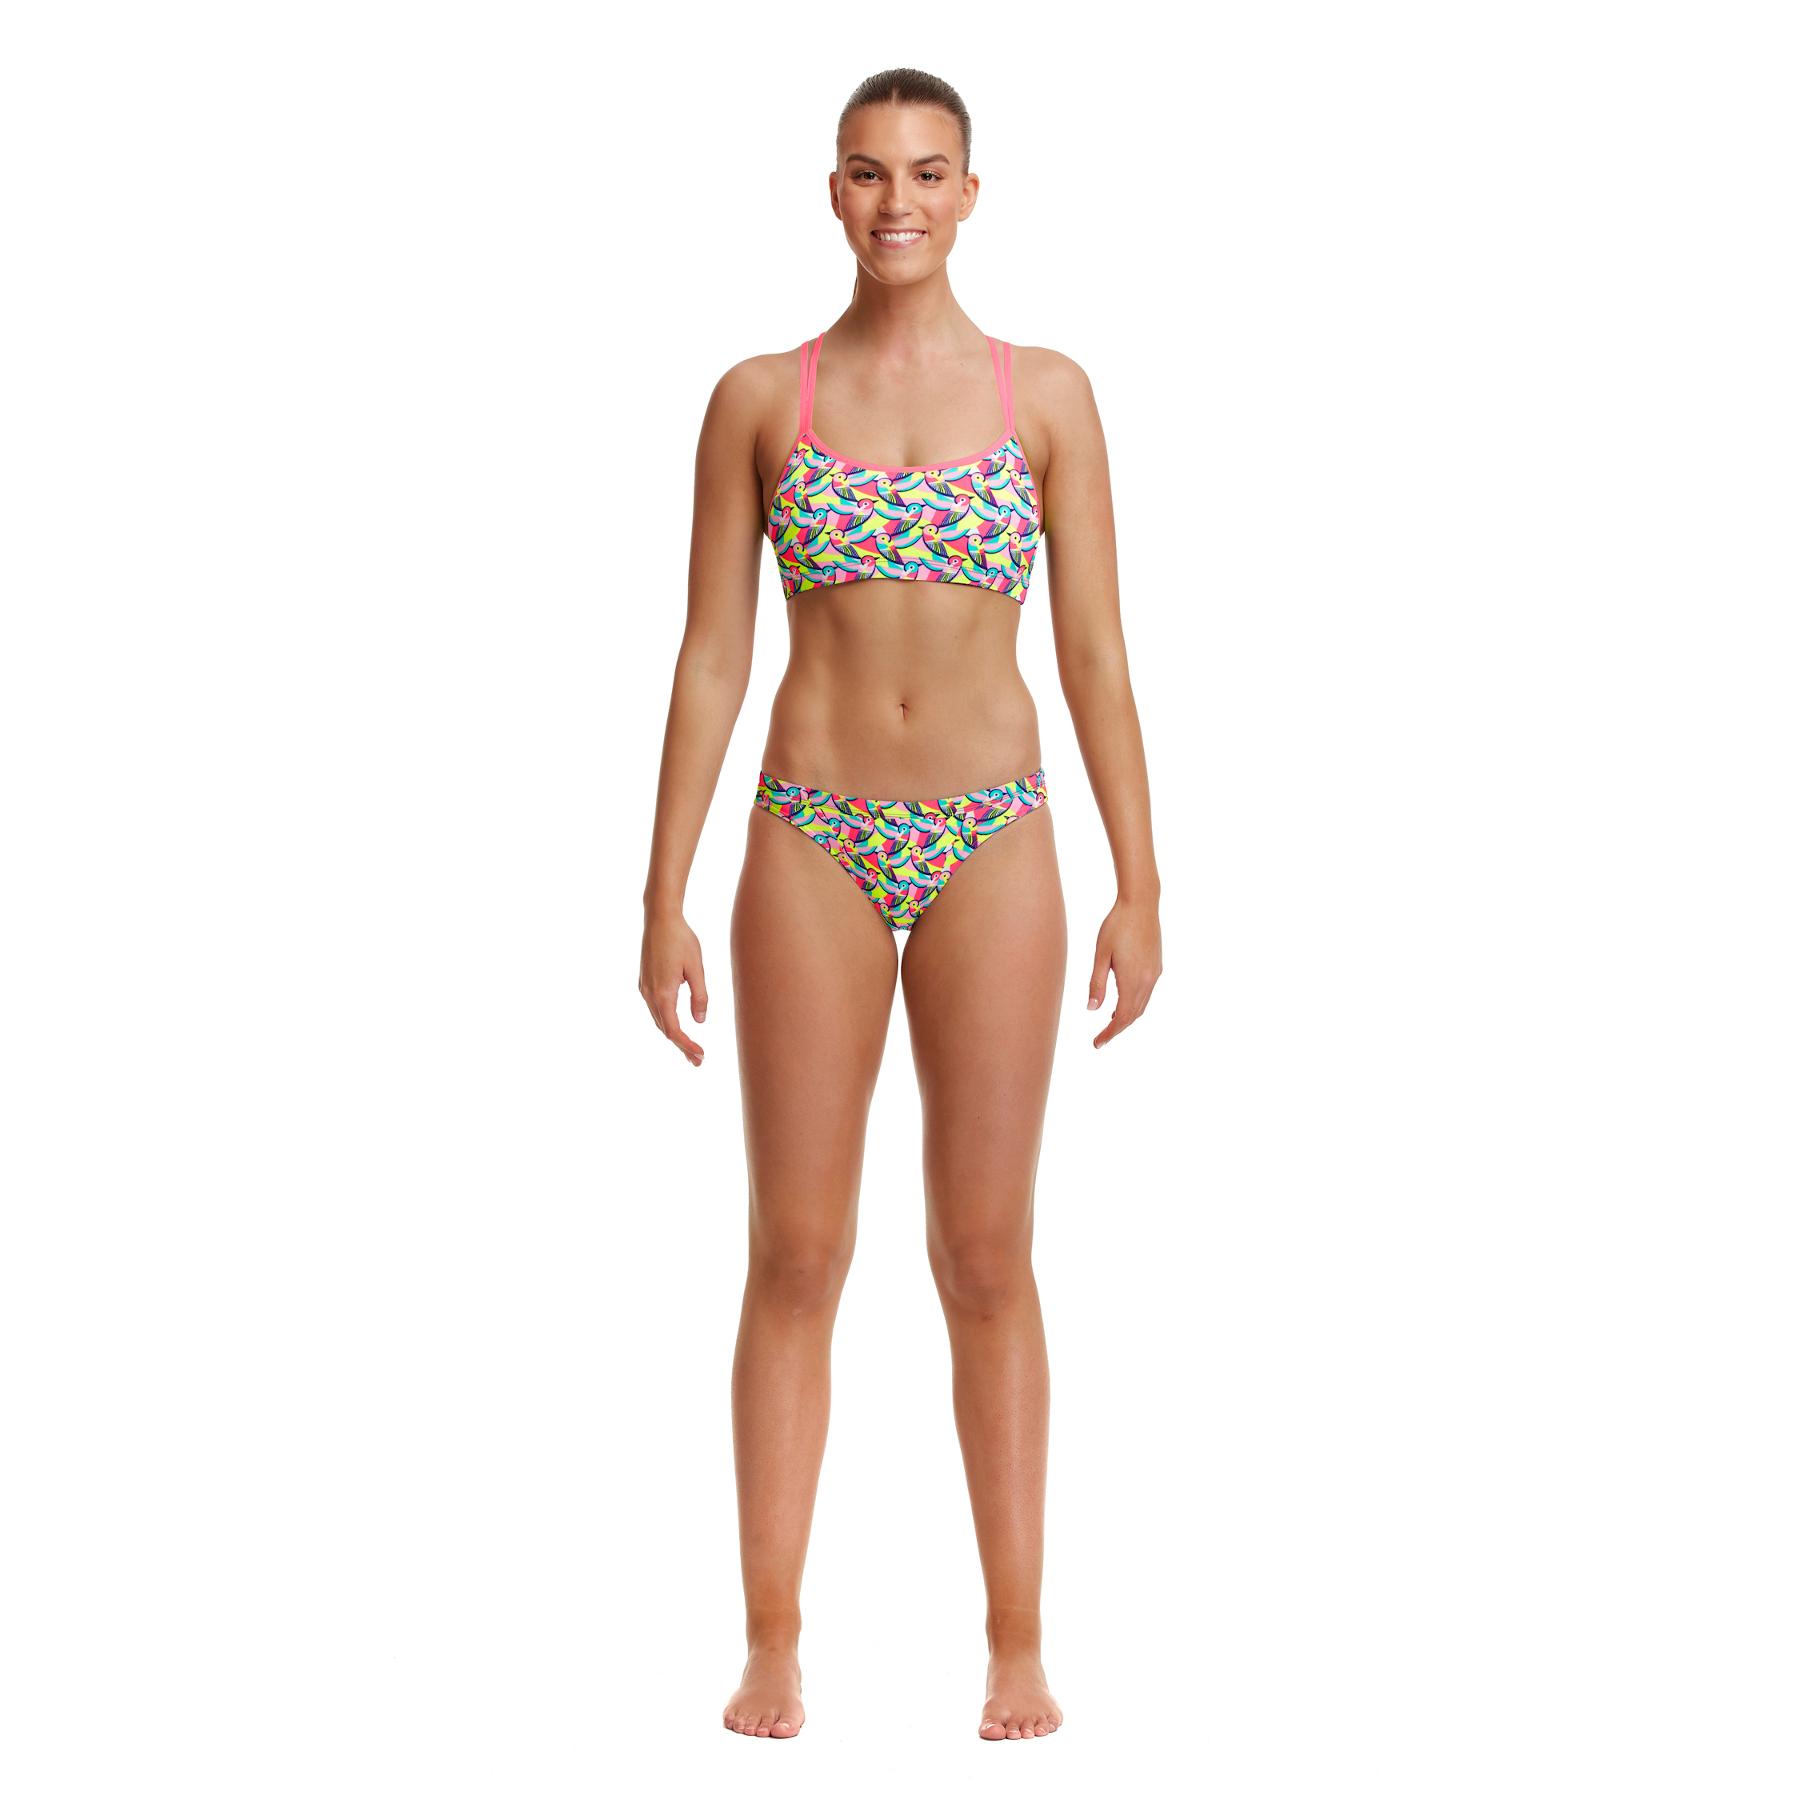 Image of Funkita Ladies Hipster Bikini Briefs - Bye Birdie